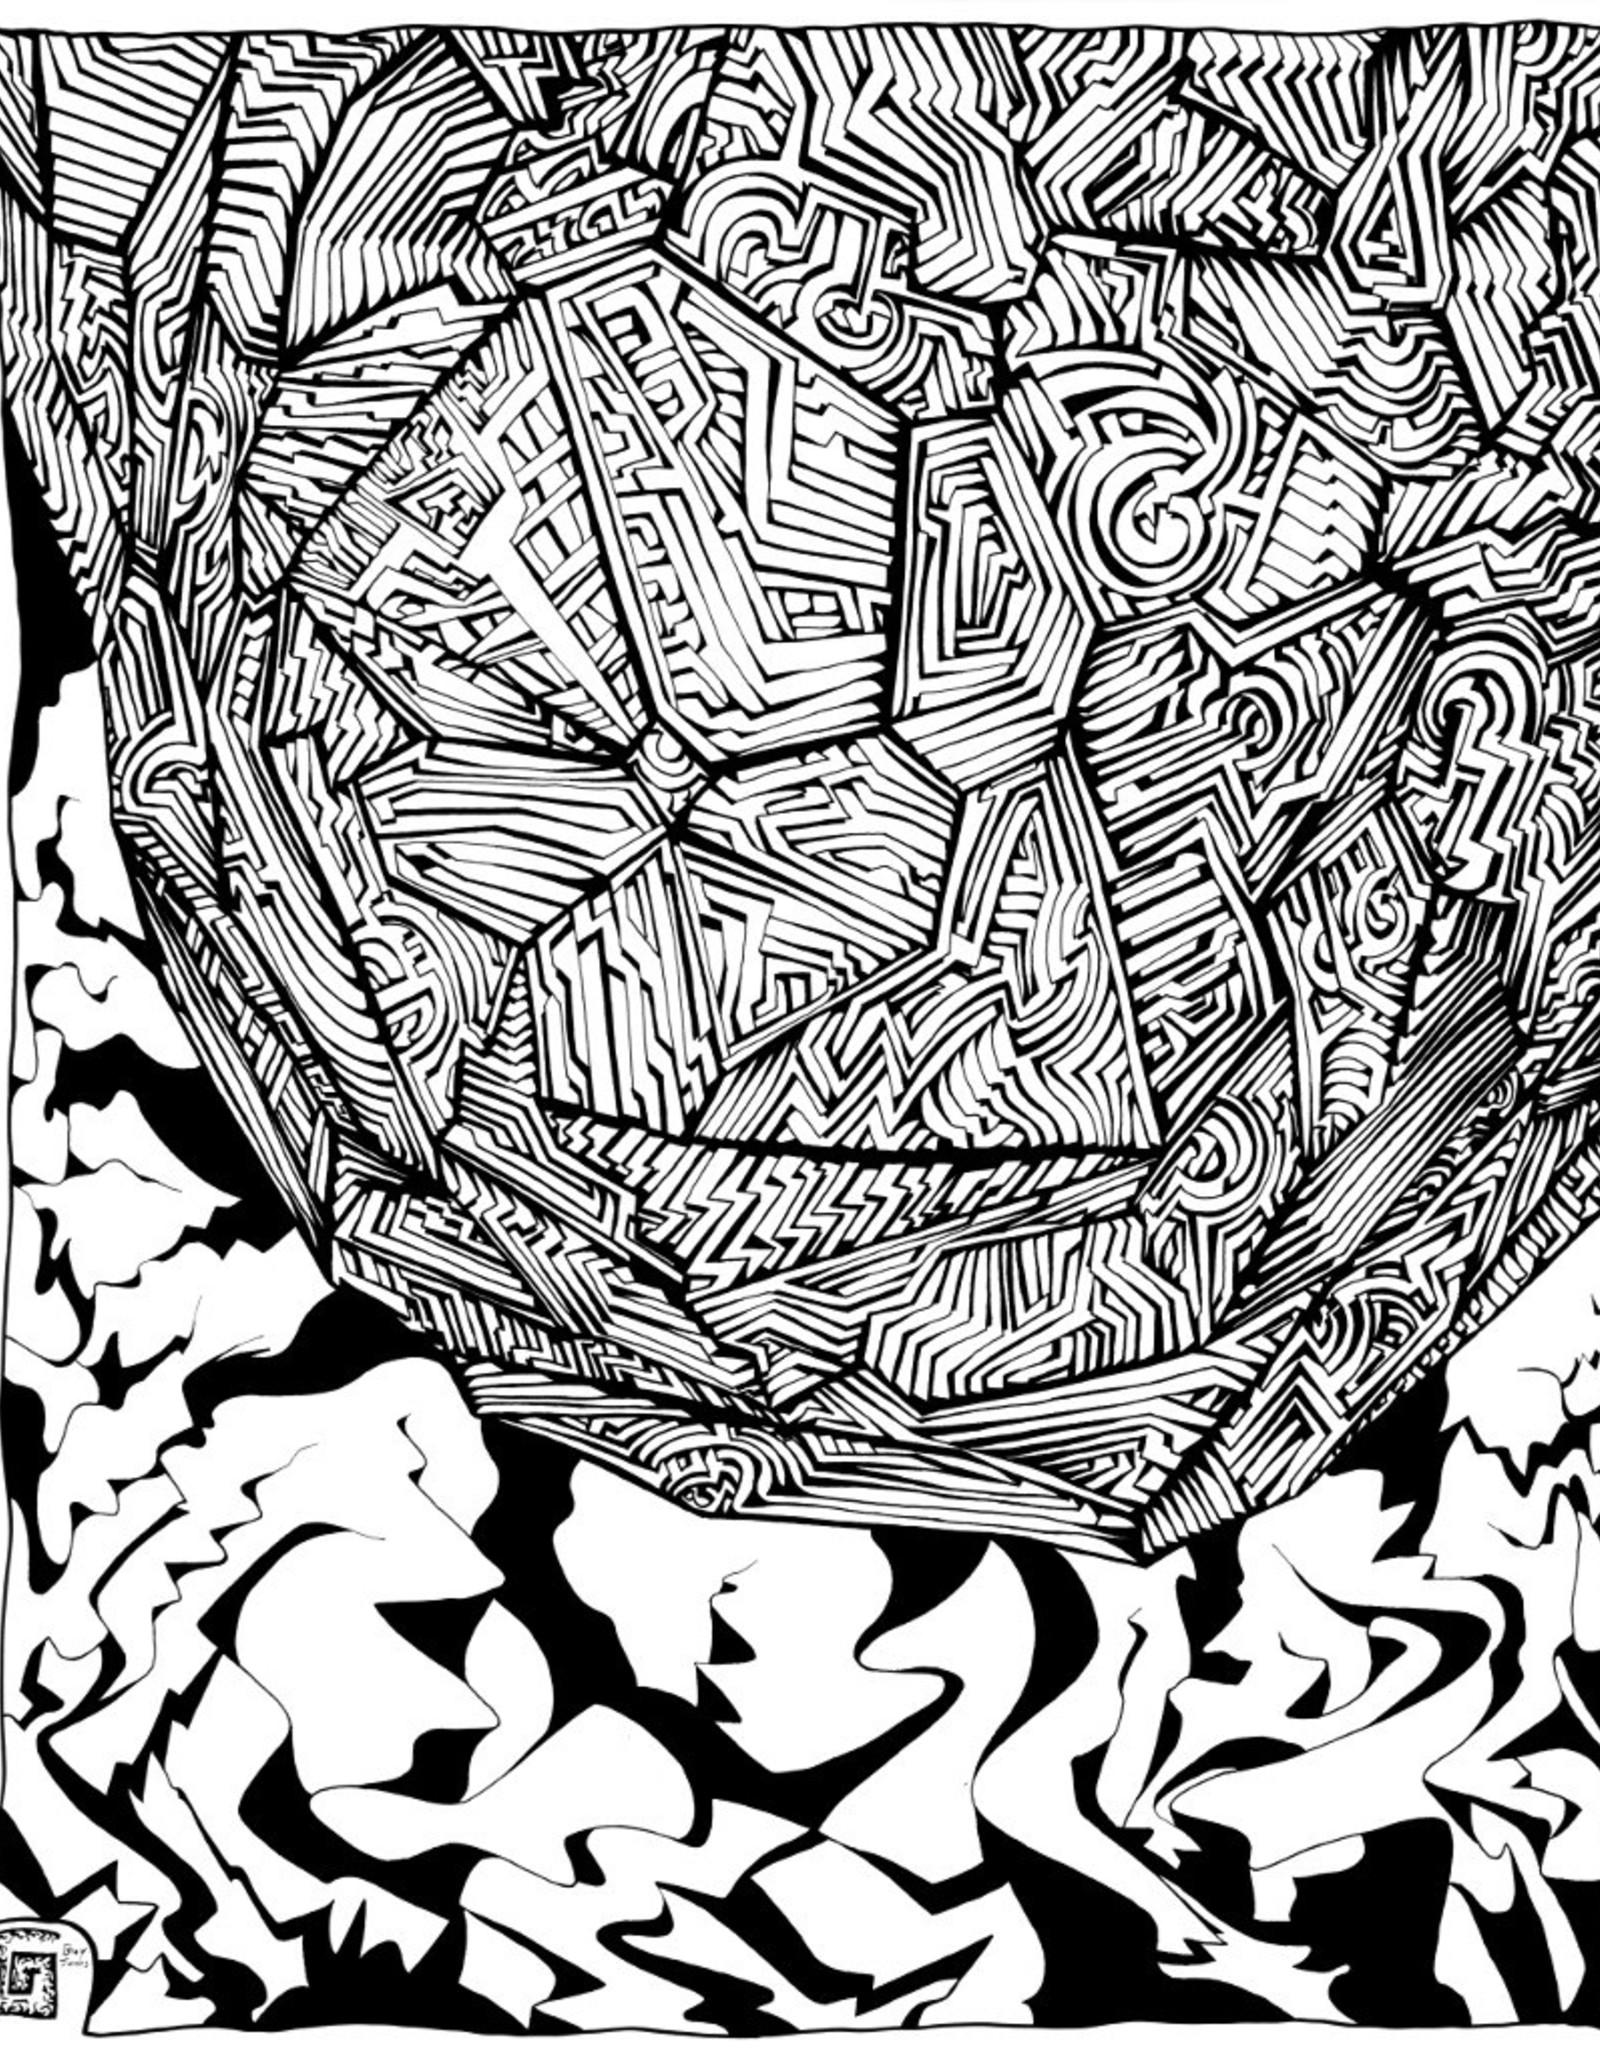 Gray Jones Print -8x10 B&W 14